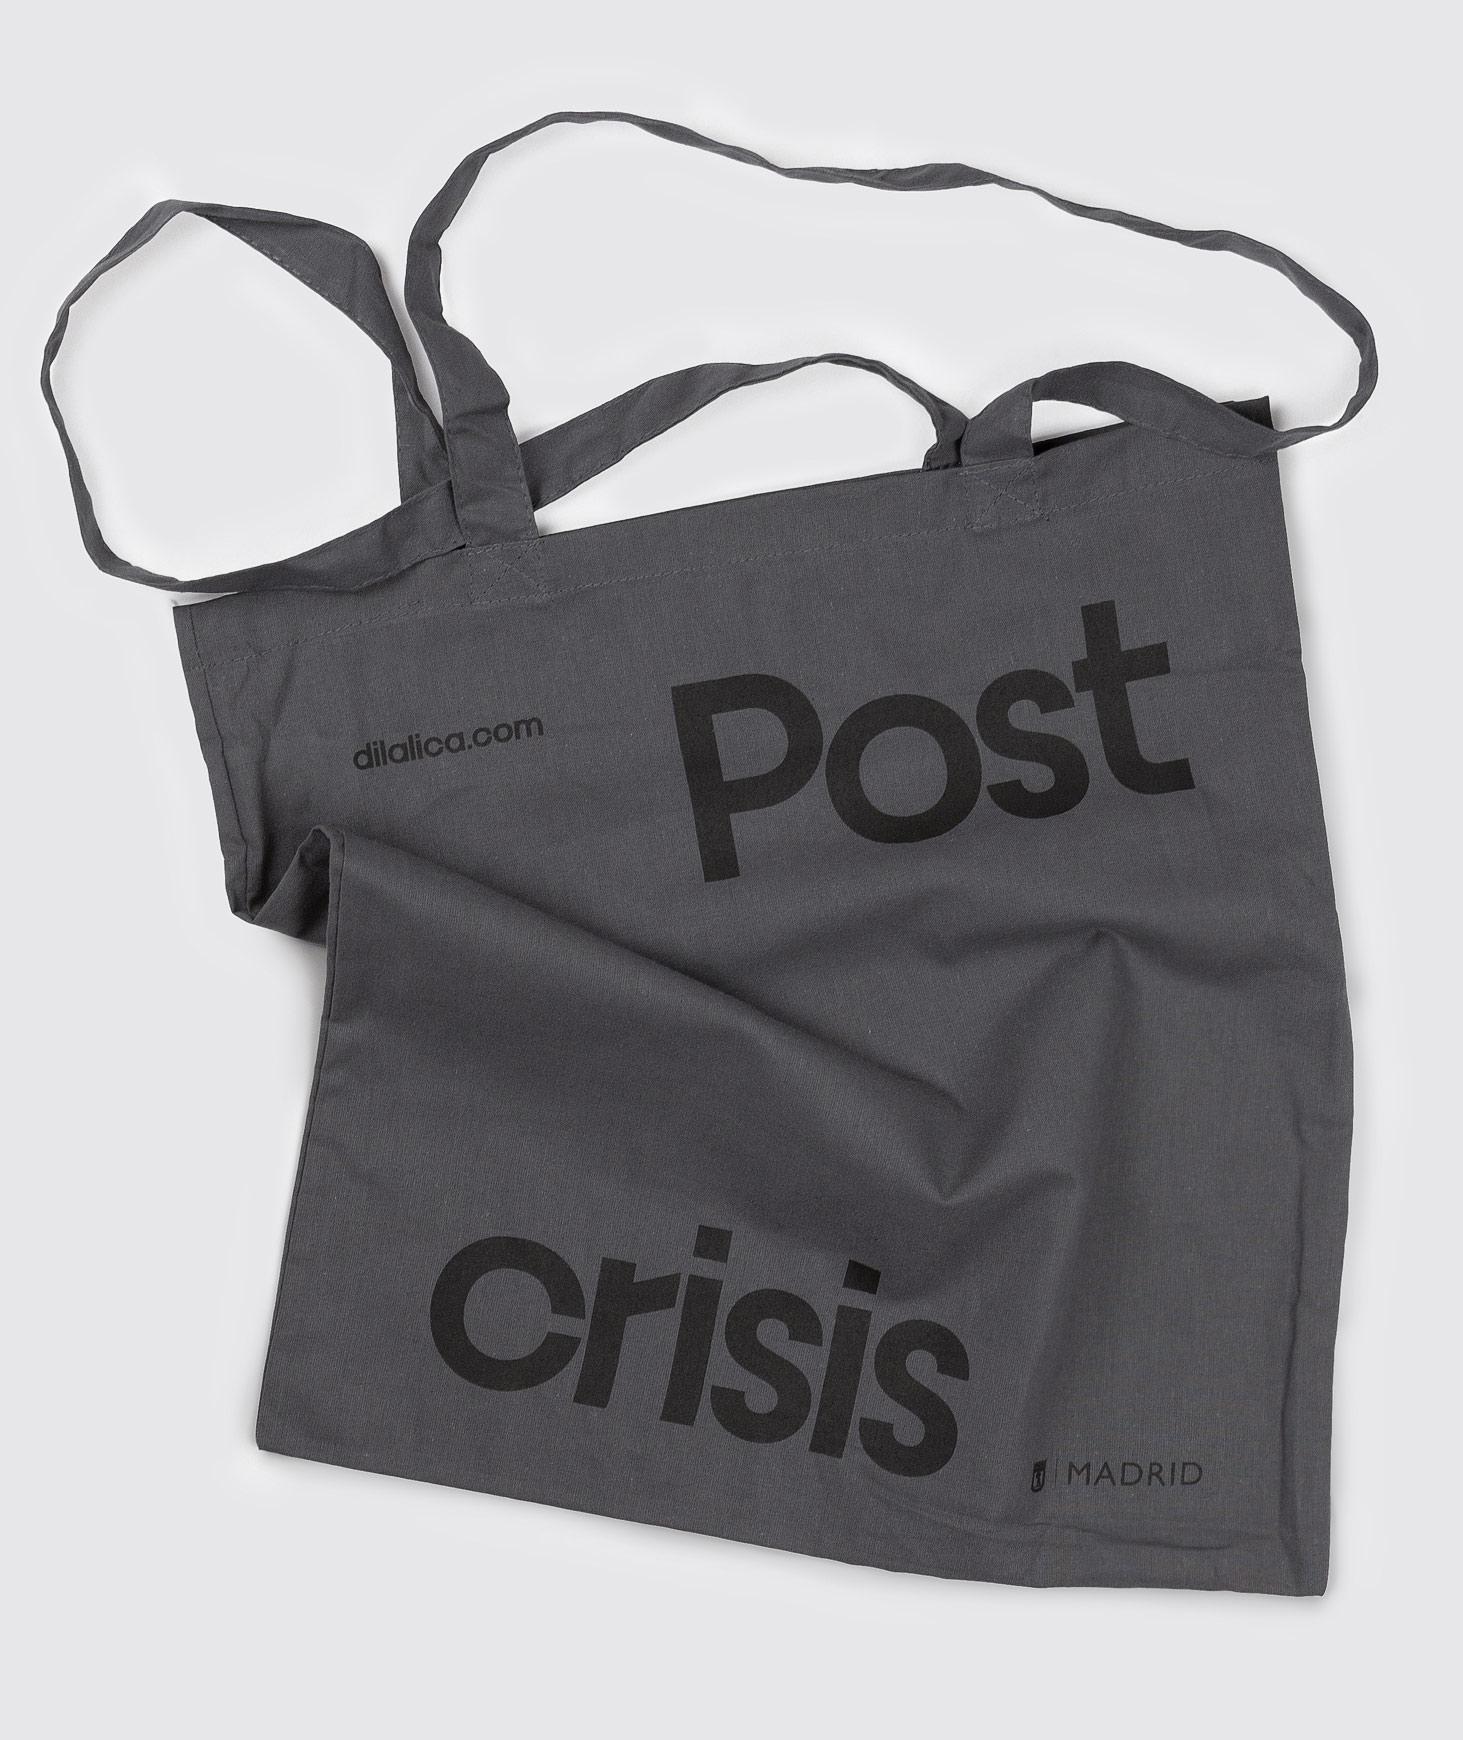 Fase, estudio de diseño gráfico. Identidad exposición de arte Postcrisis. Tote bag.